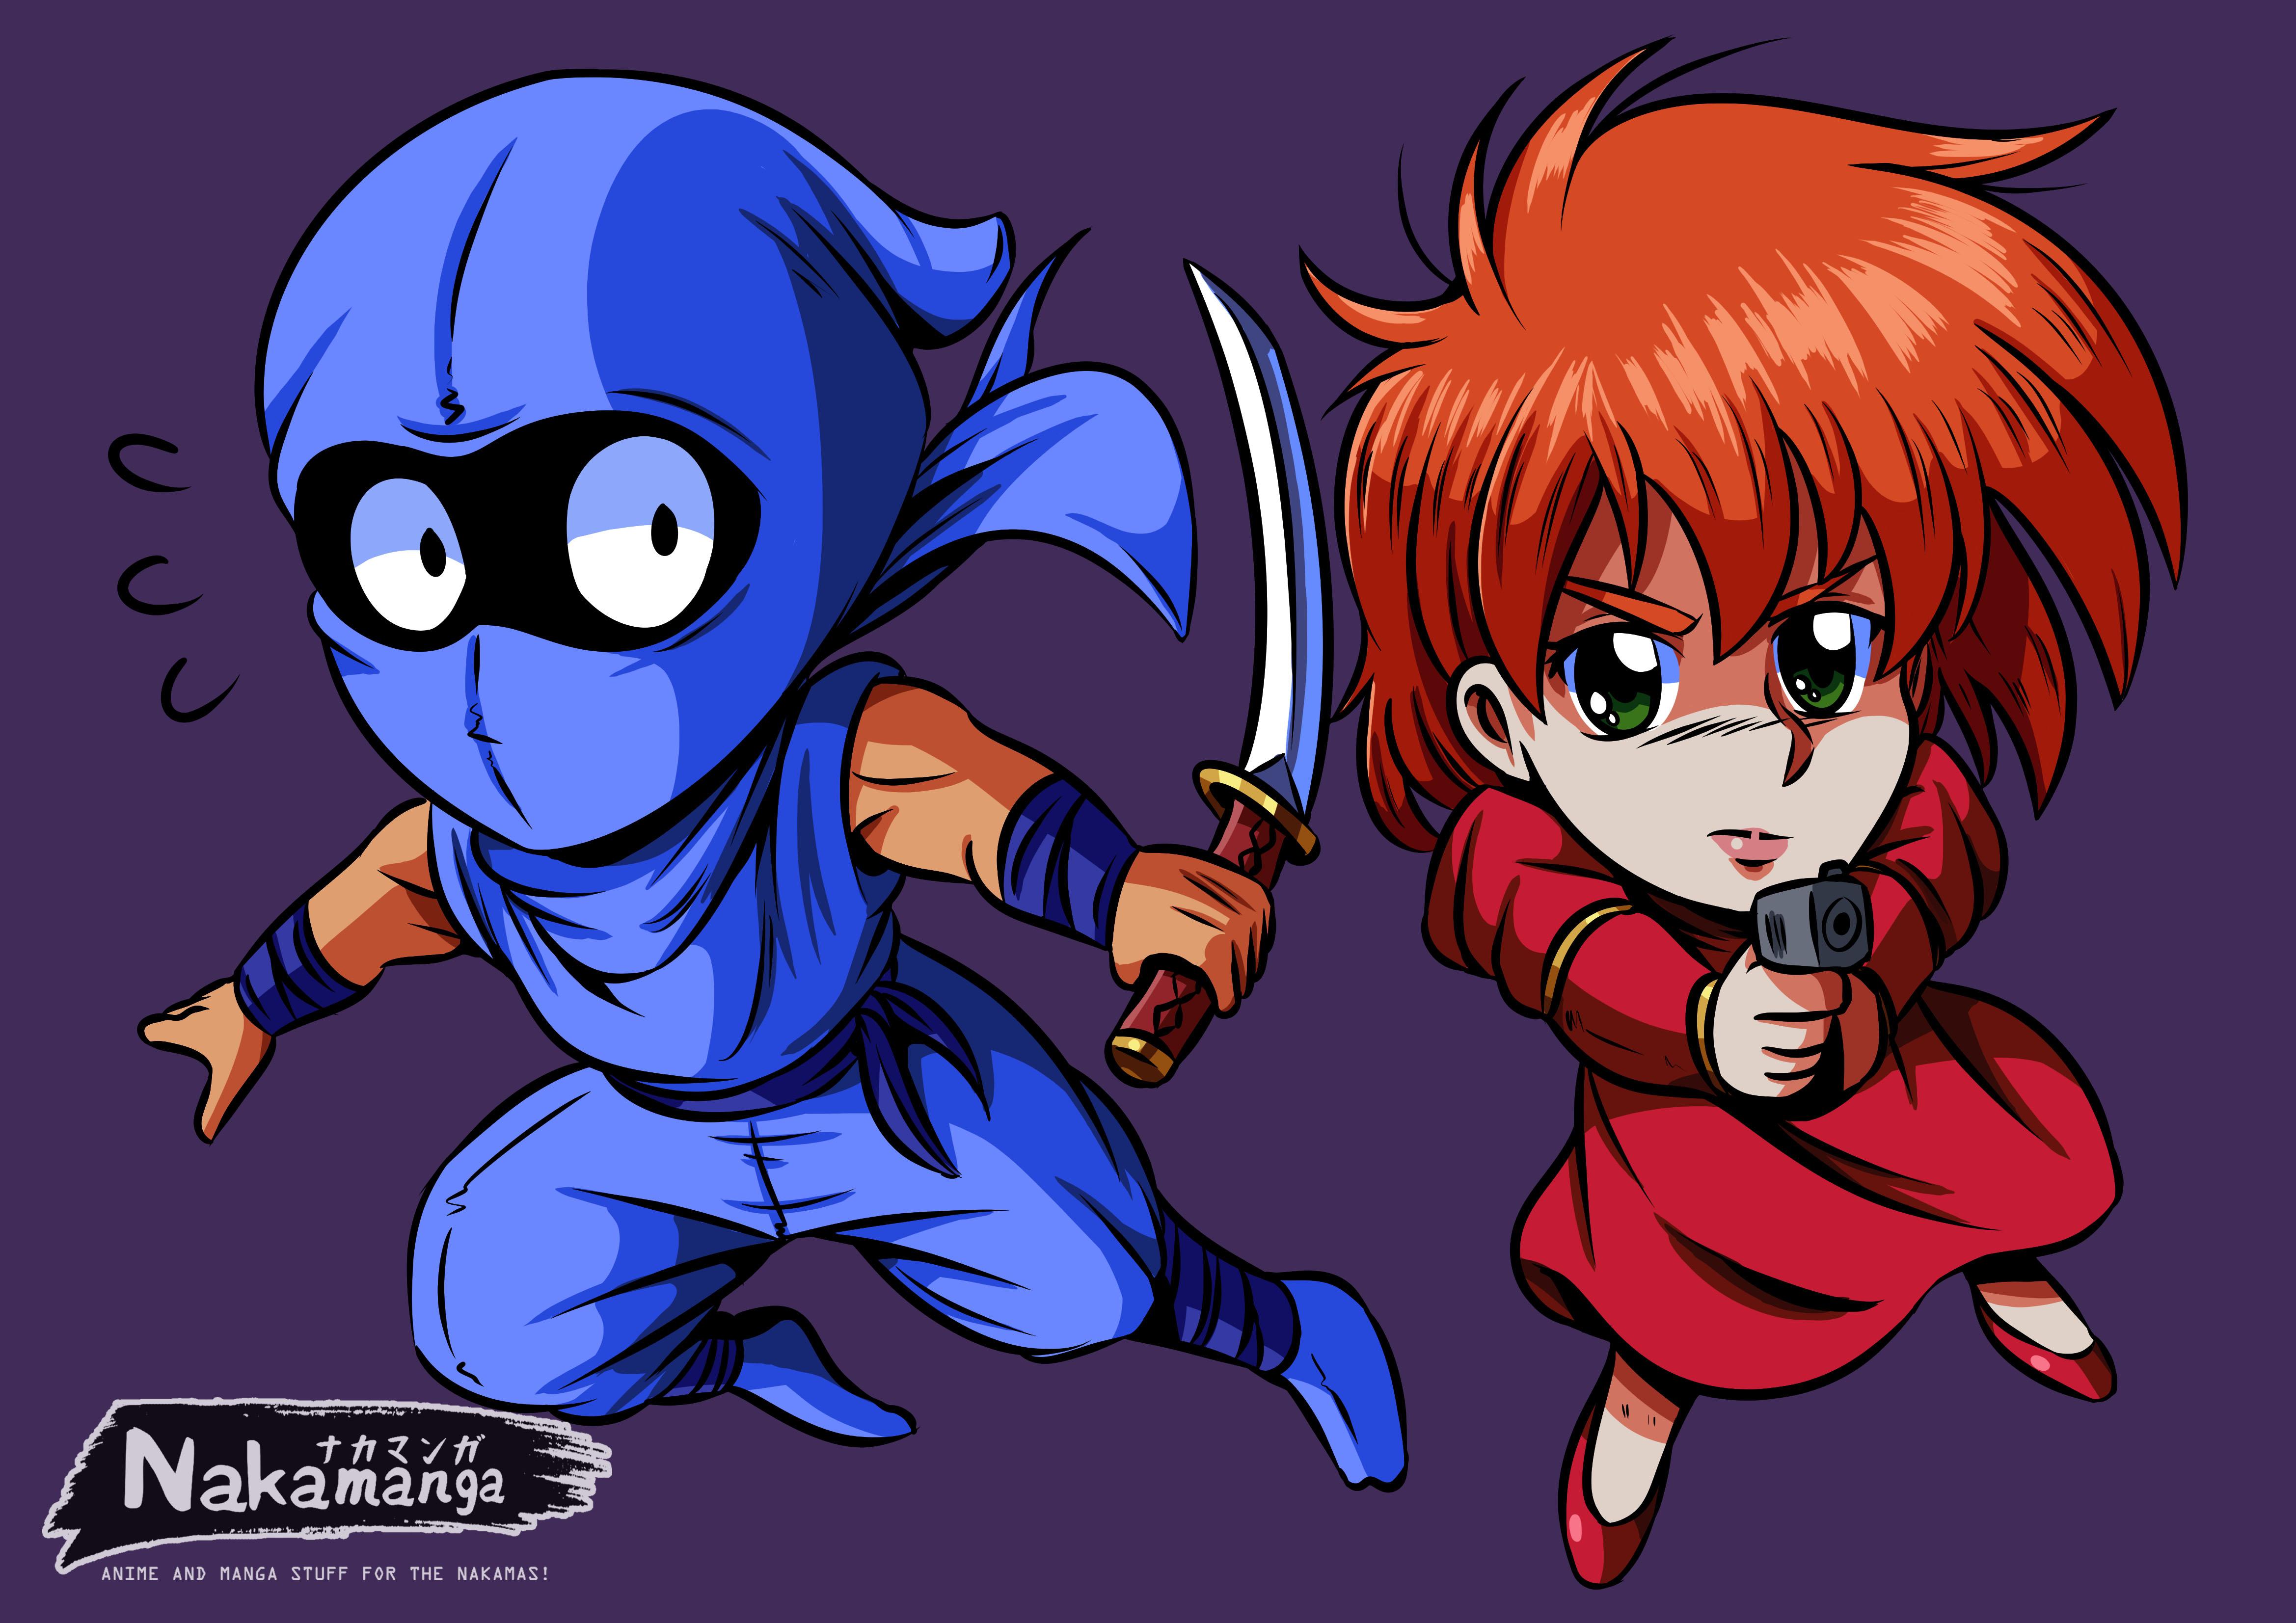 Ryu And Irene Ninja Gaiden By Nakamanga On Newgrounds